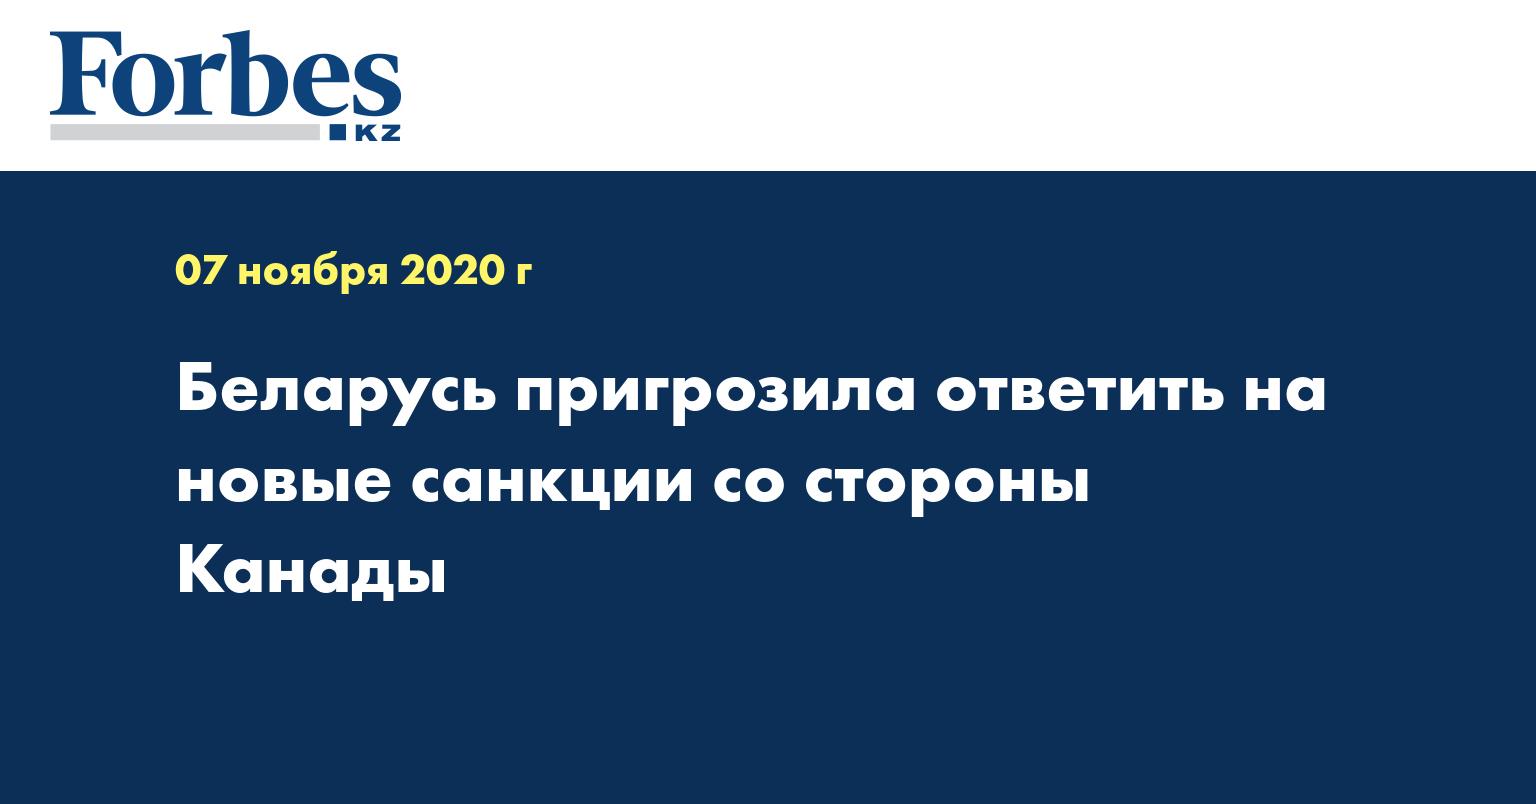 Беларусь пригрозила ответить на новые санкции со стороны Канады